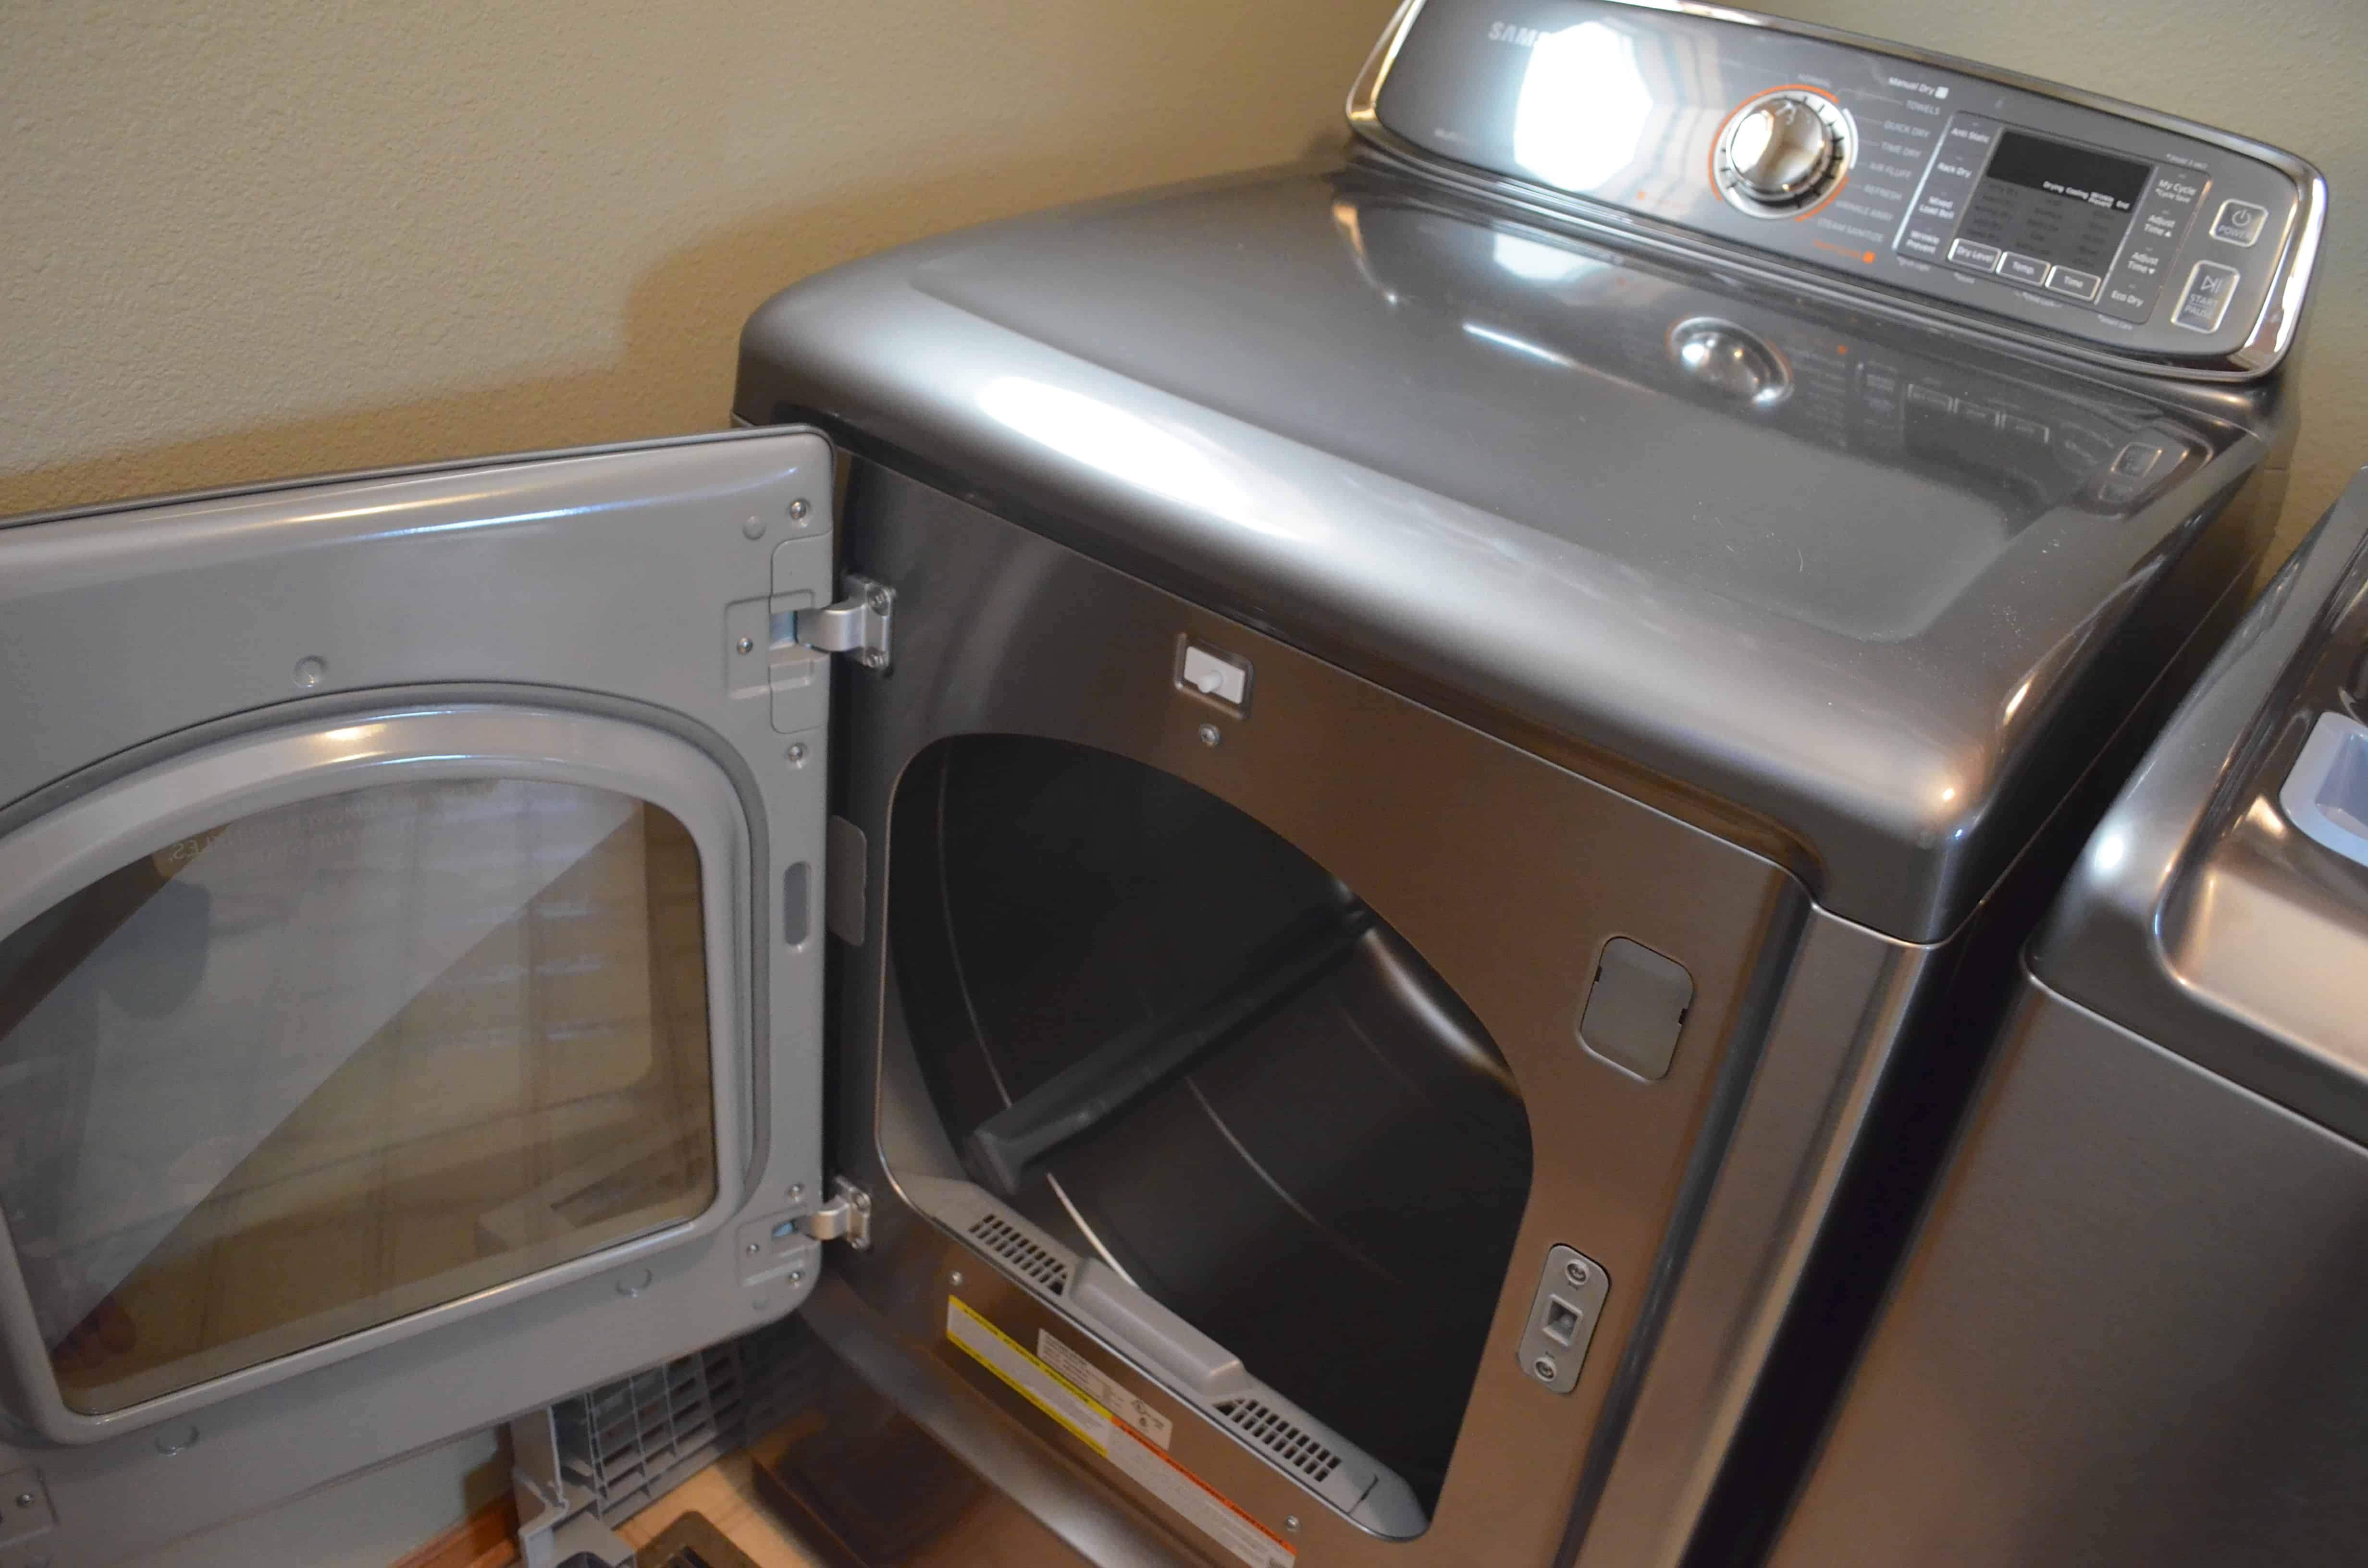 washer machine best buy